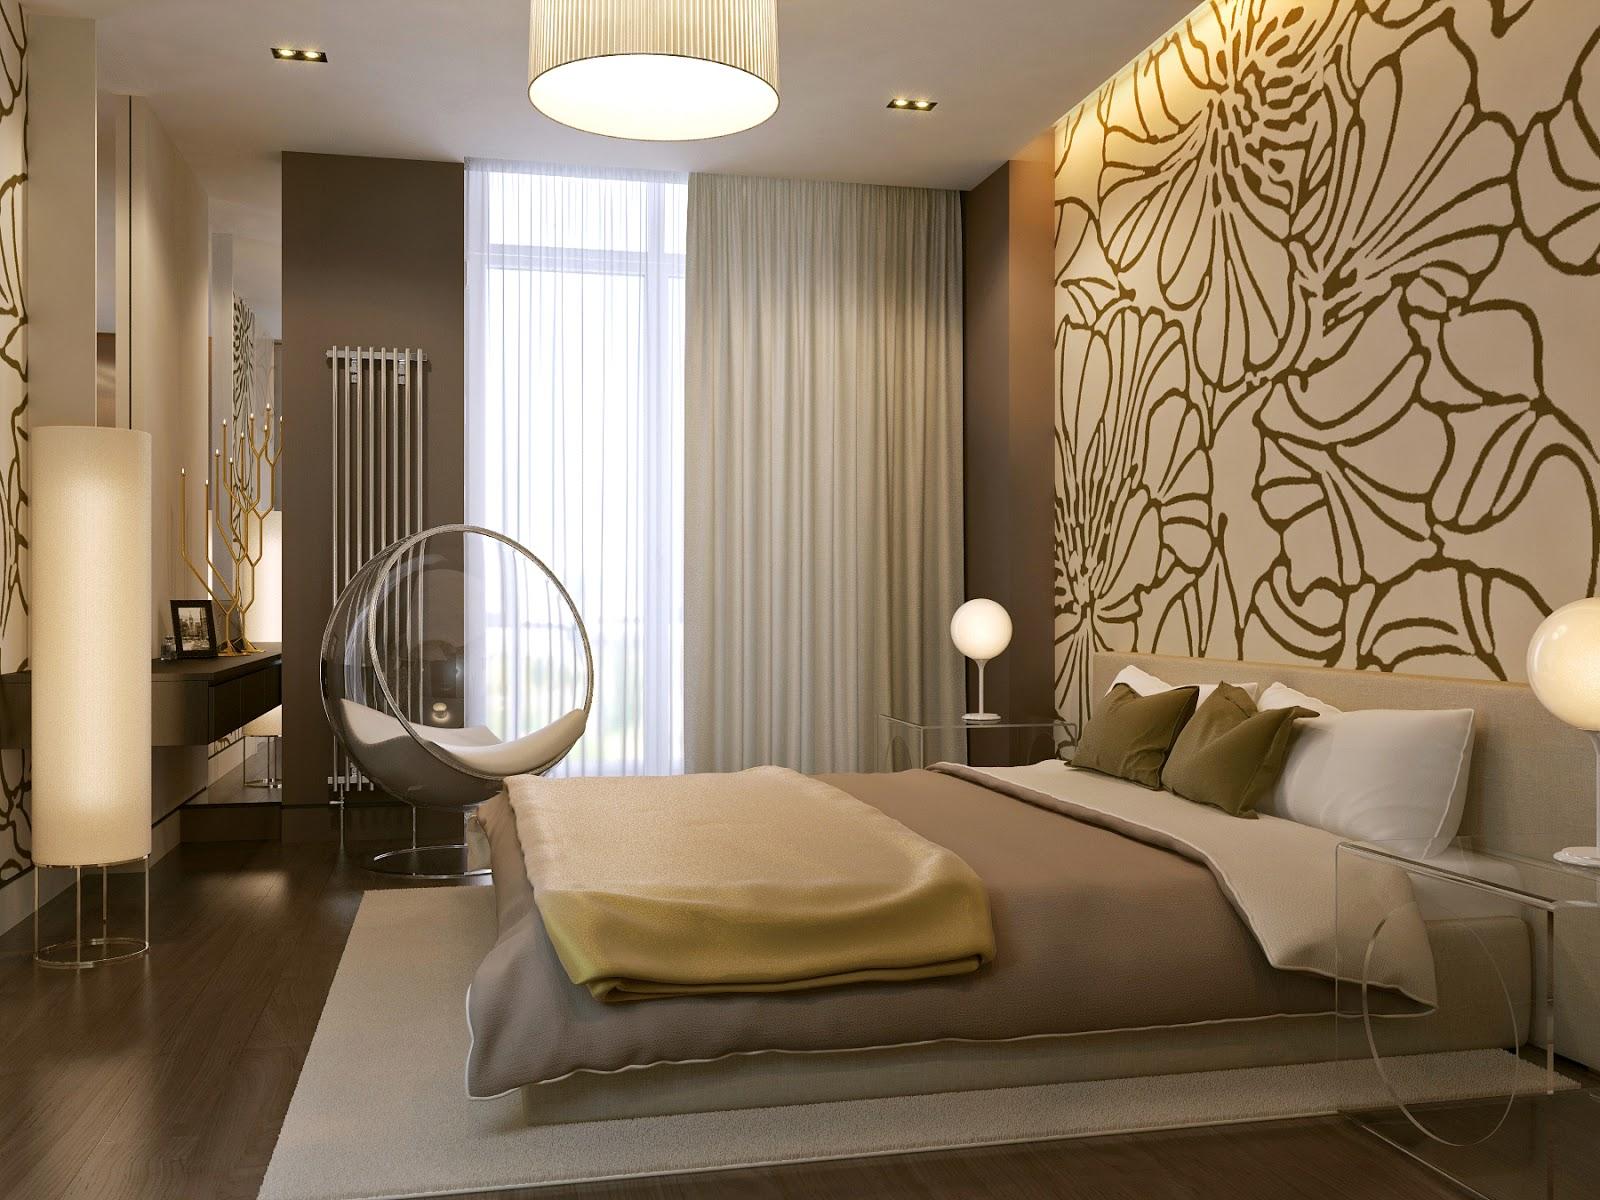 Дизайн спальни в бежевых тонах 55 фото идей интерьера.